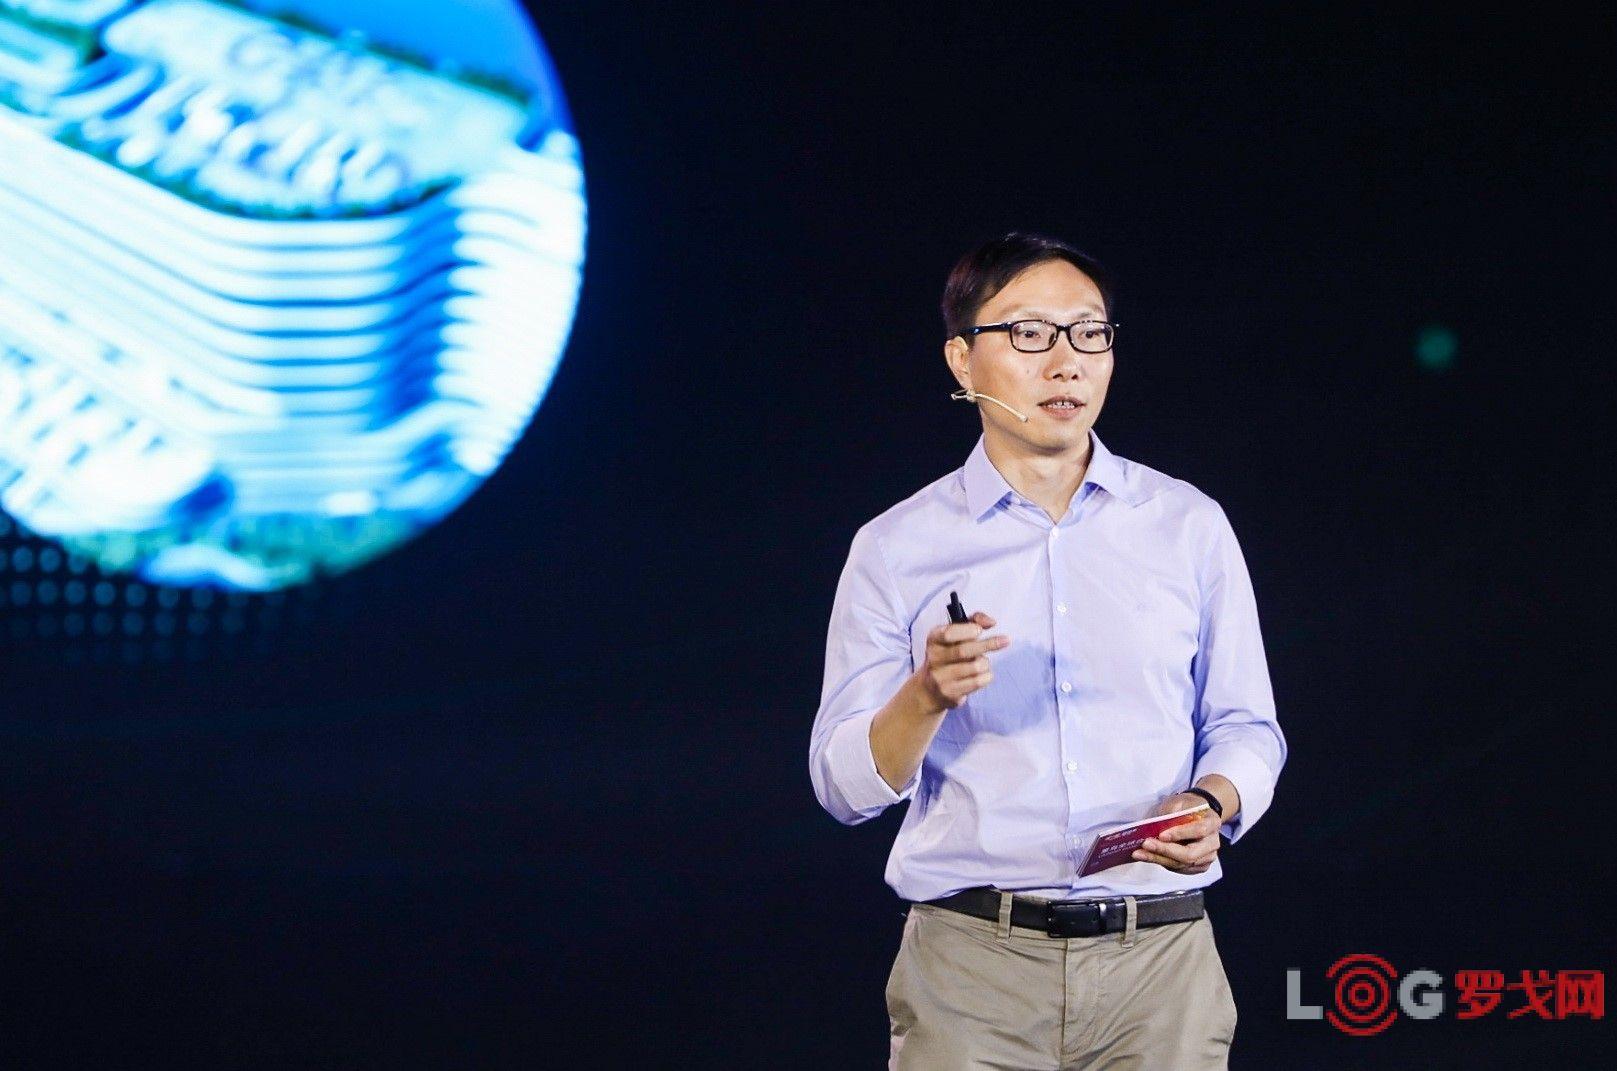 菜鸟宣布骨干网数字化加速计划 携手快递业再造500亿新价值